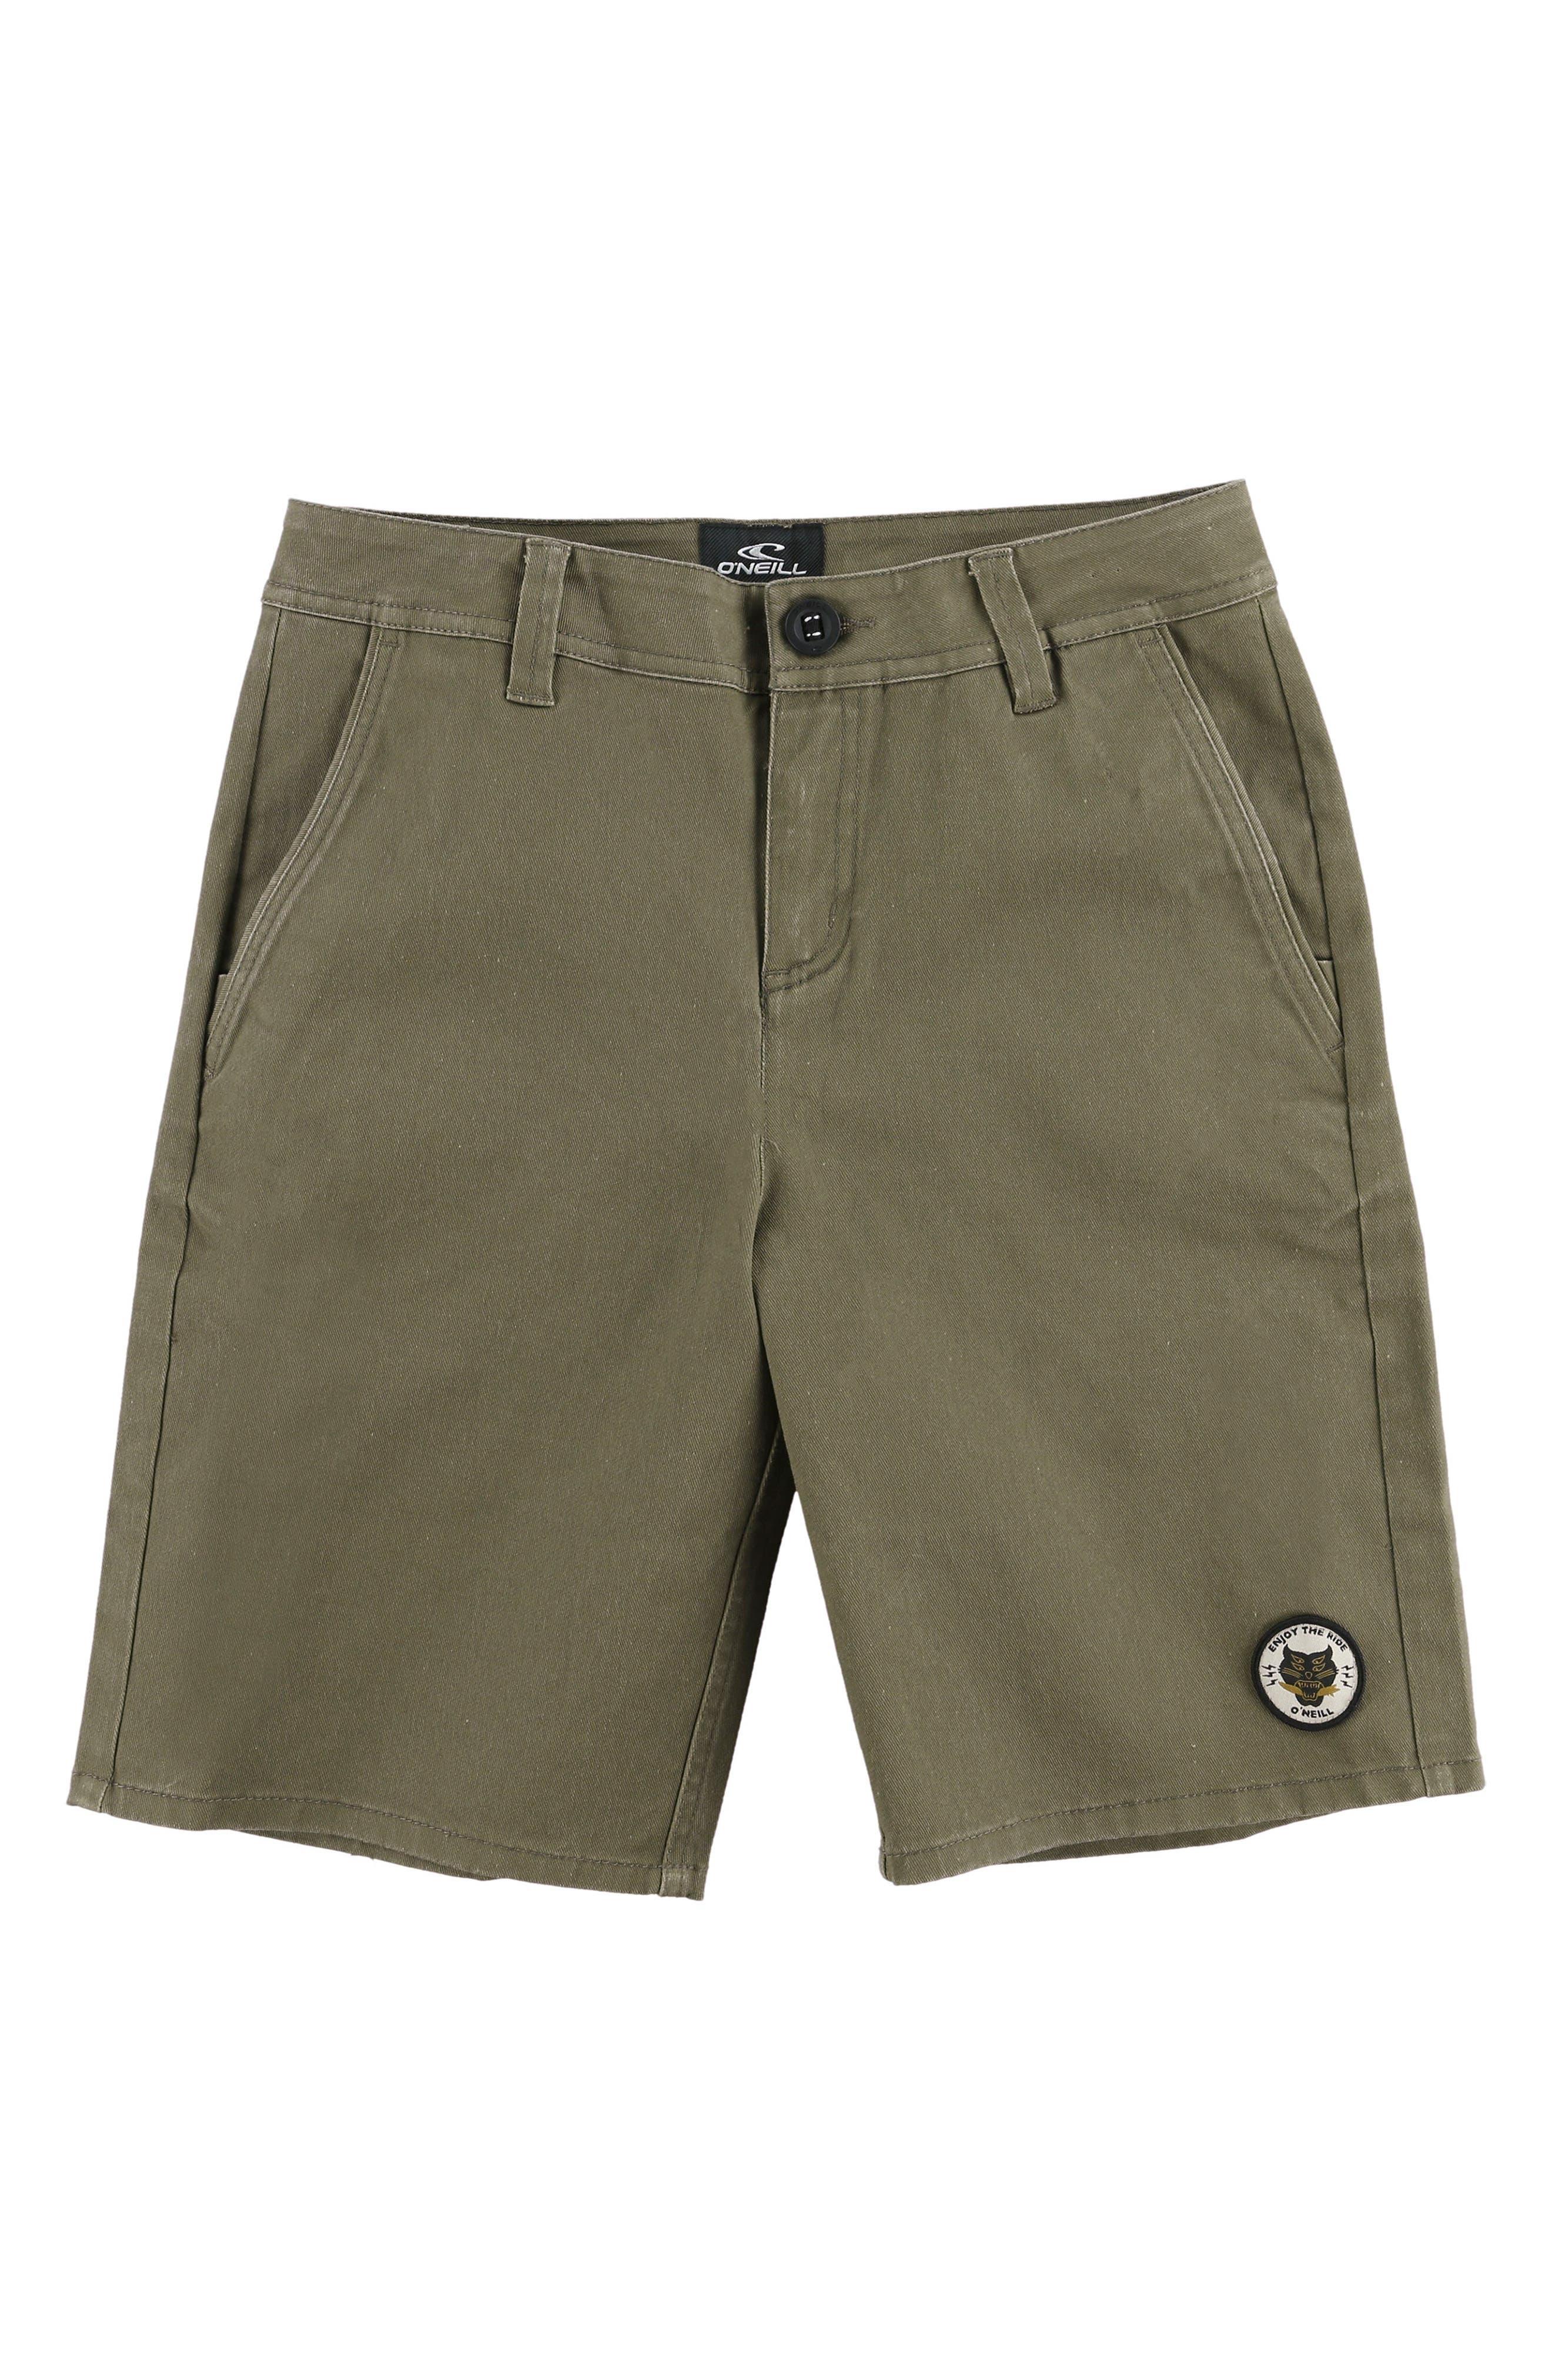 Rialto Shorts,                             Main thumbnail 1, color,                             Dark Army